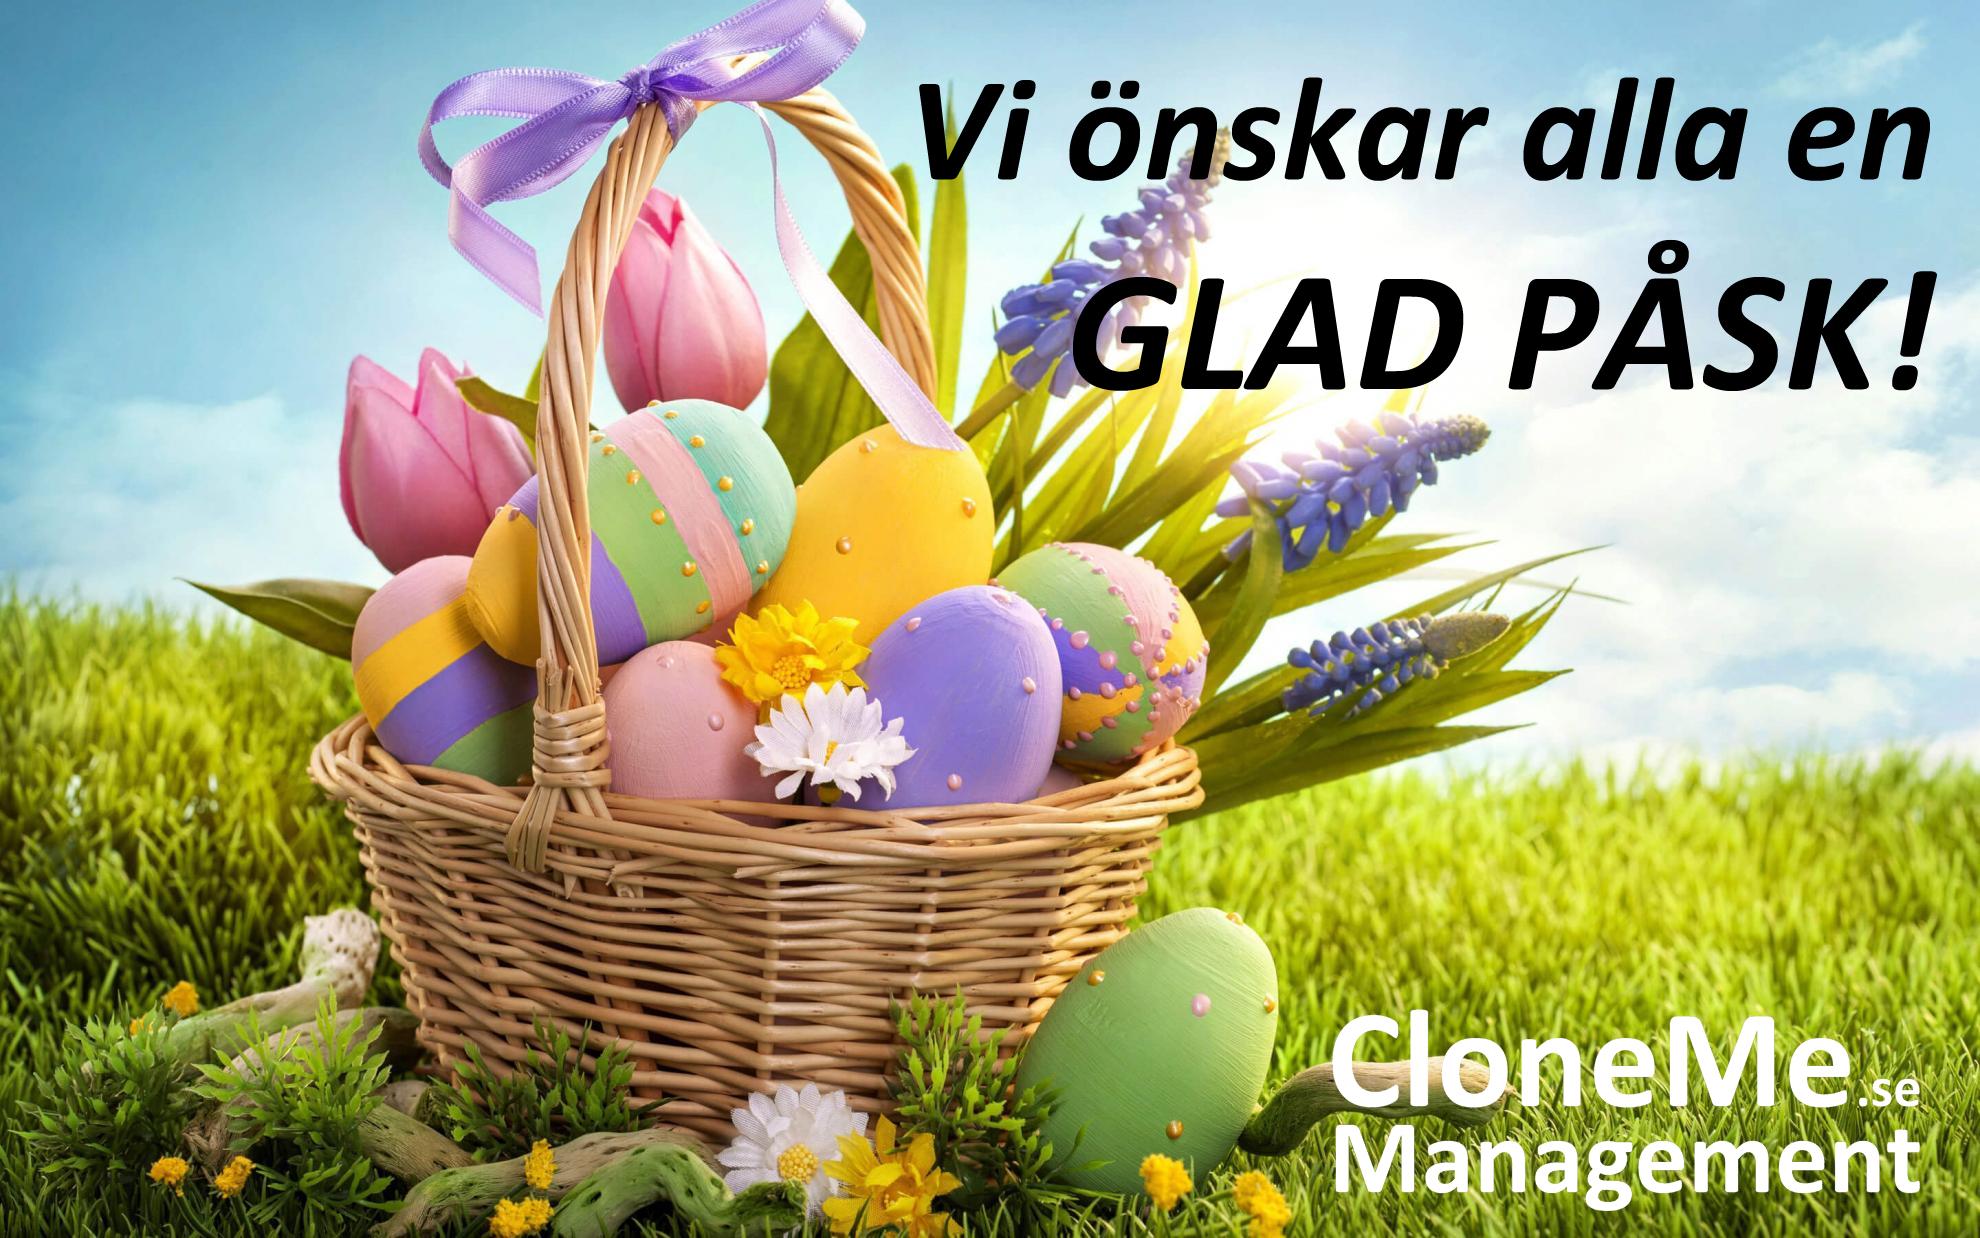 Vi önskar alla en Glad Påsk!